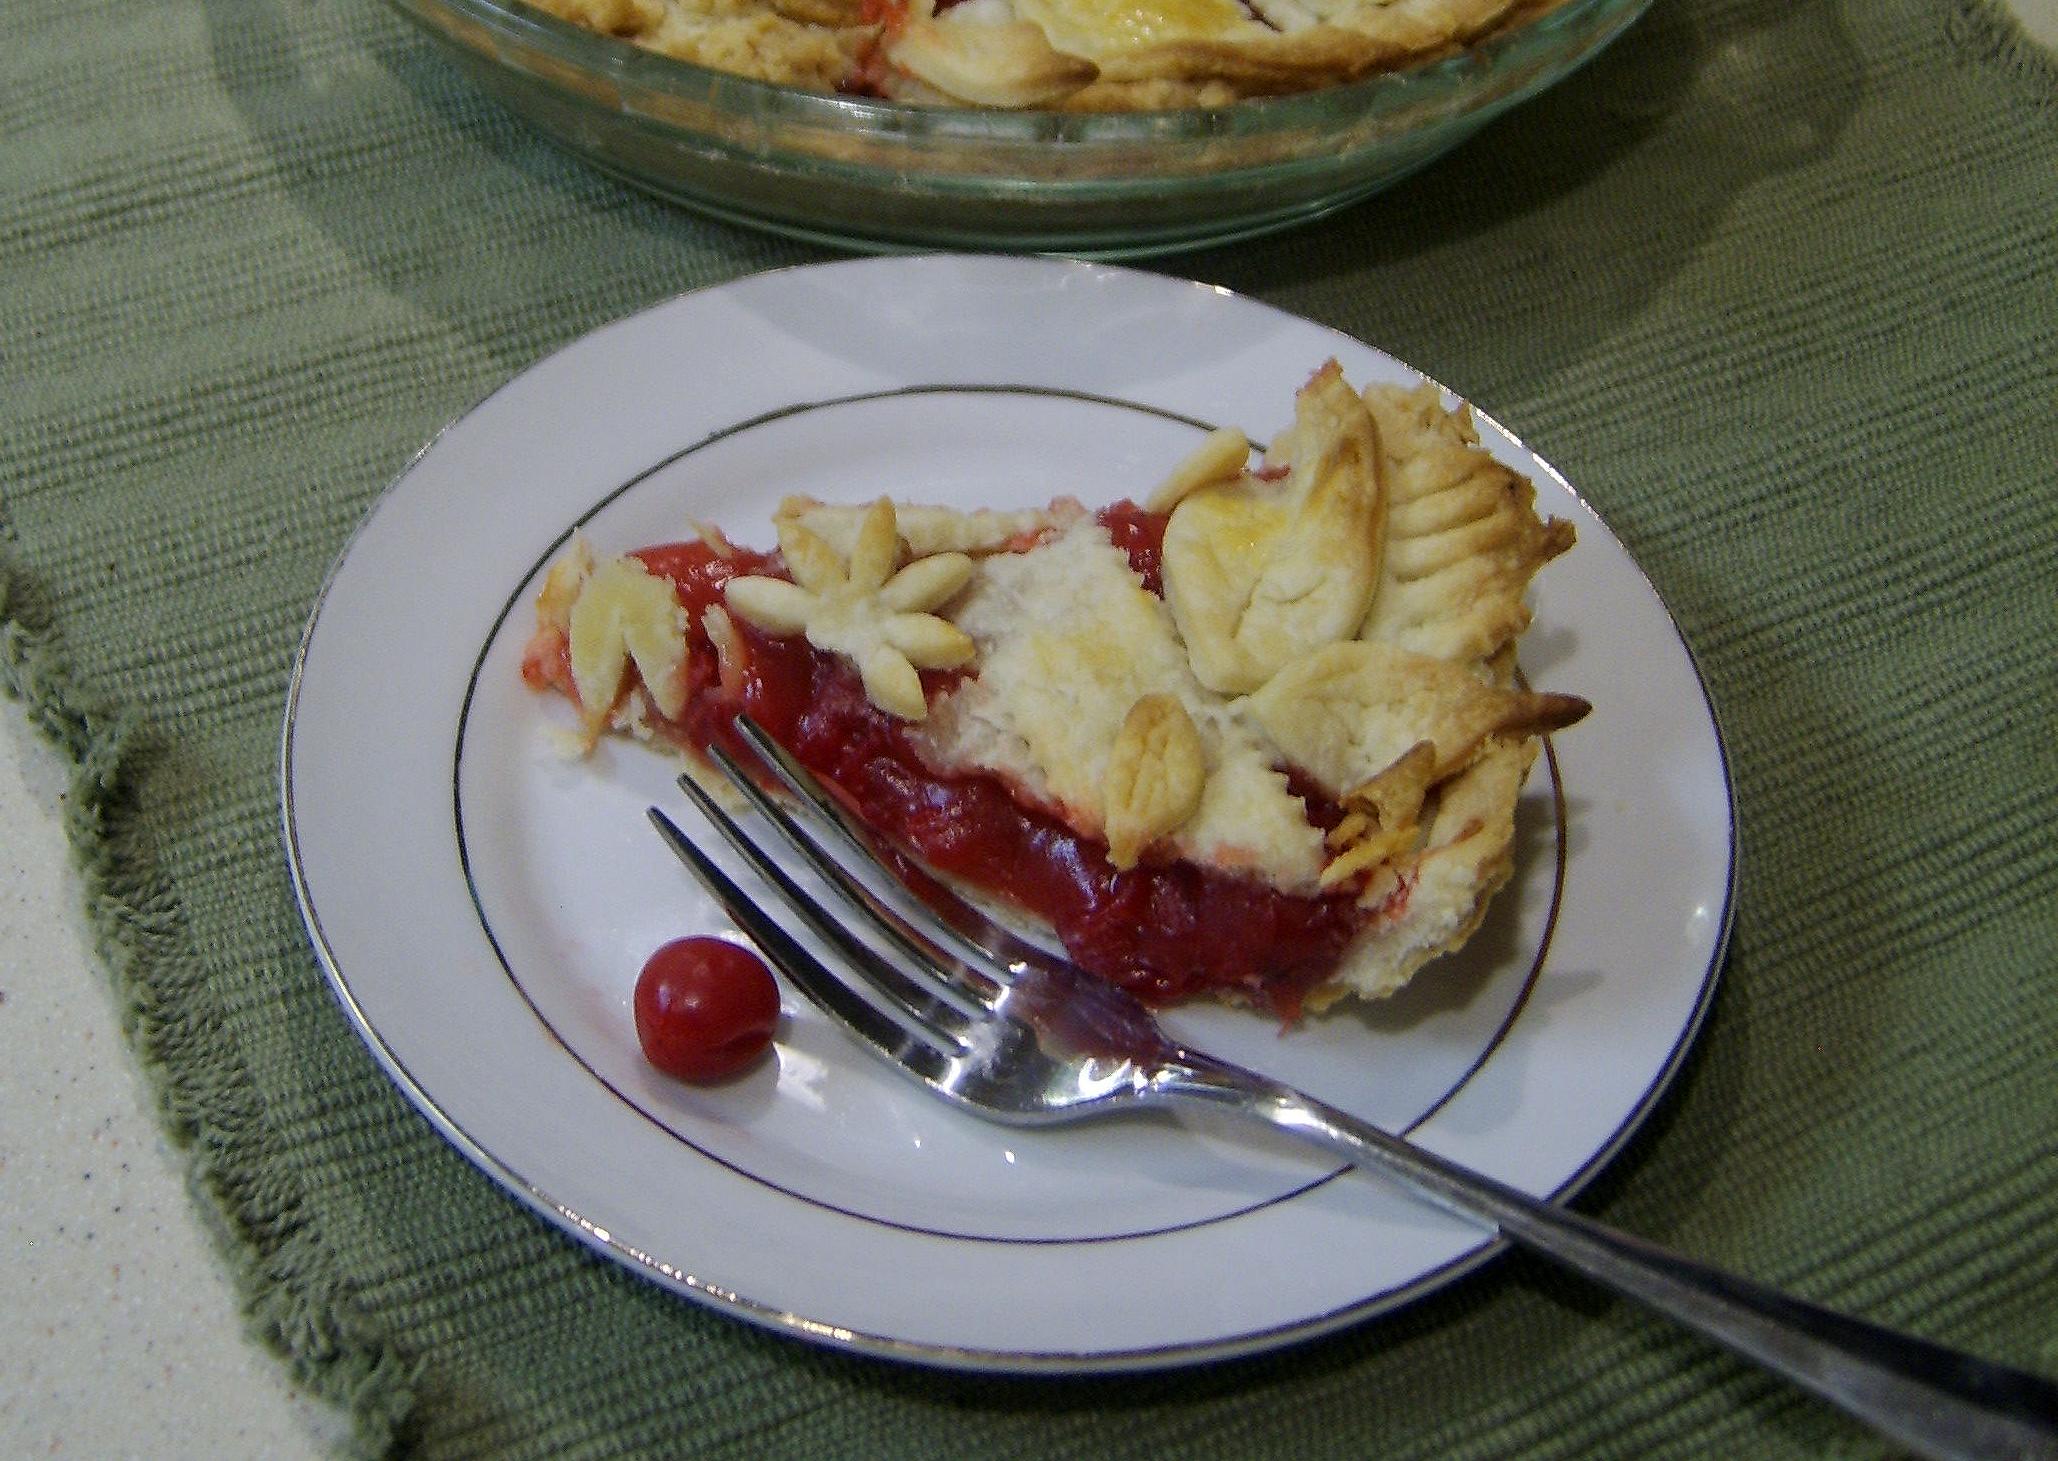 Best Cherry Pie